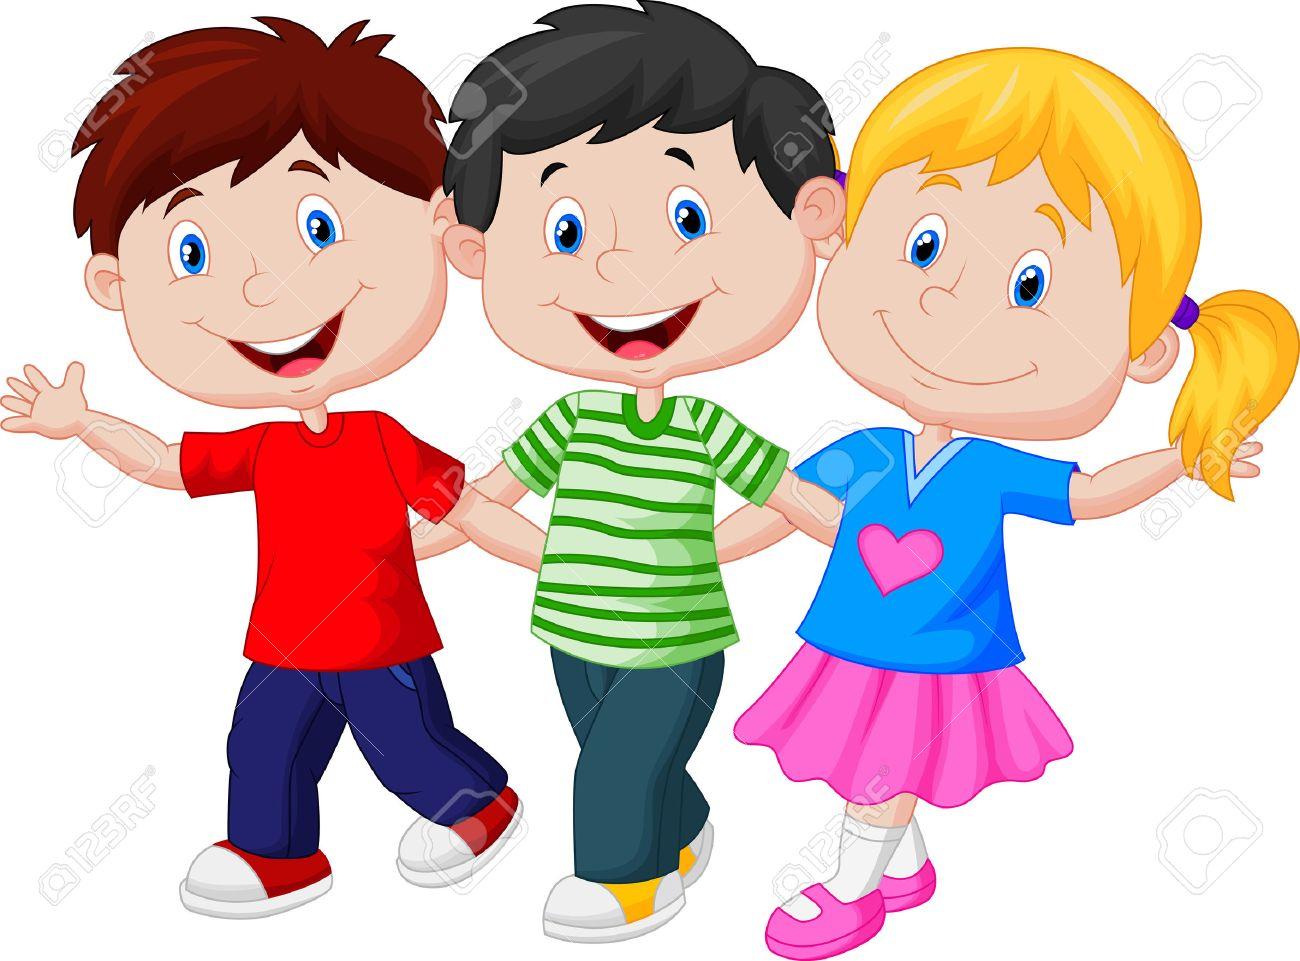 happy young children cartoon stock vector 27167205 - Children Cartoon Pictures